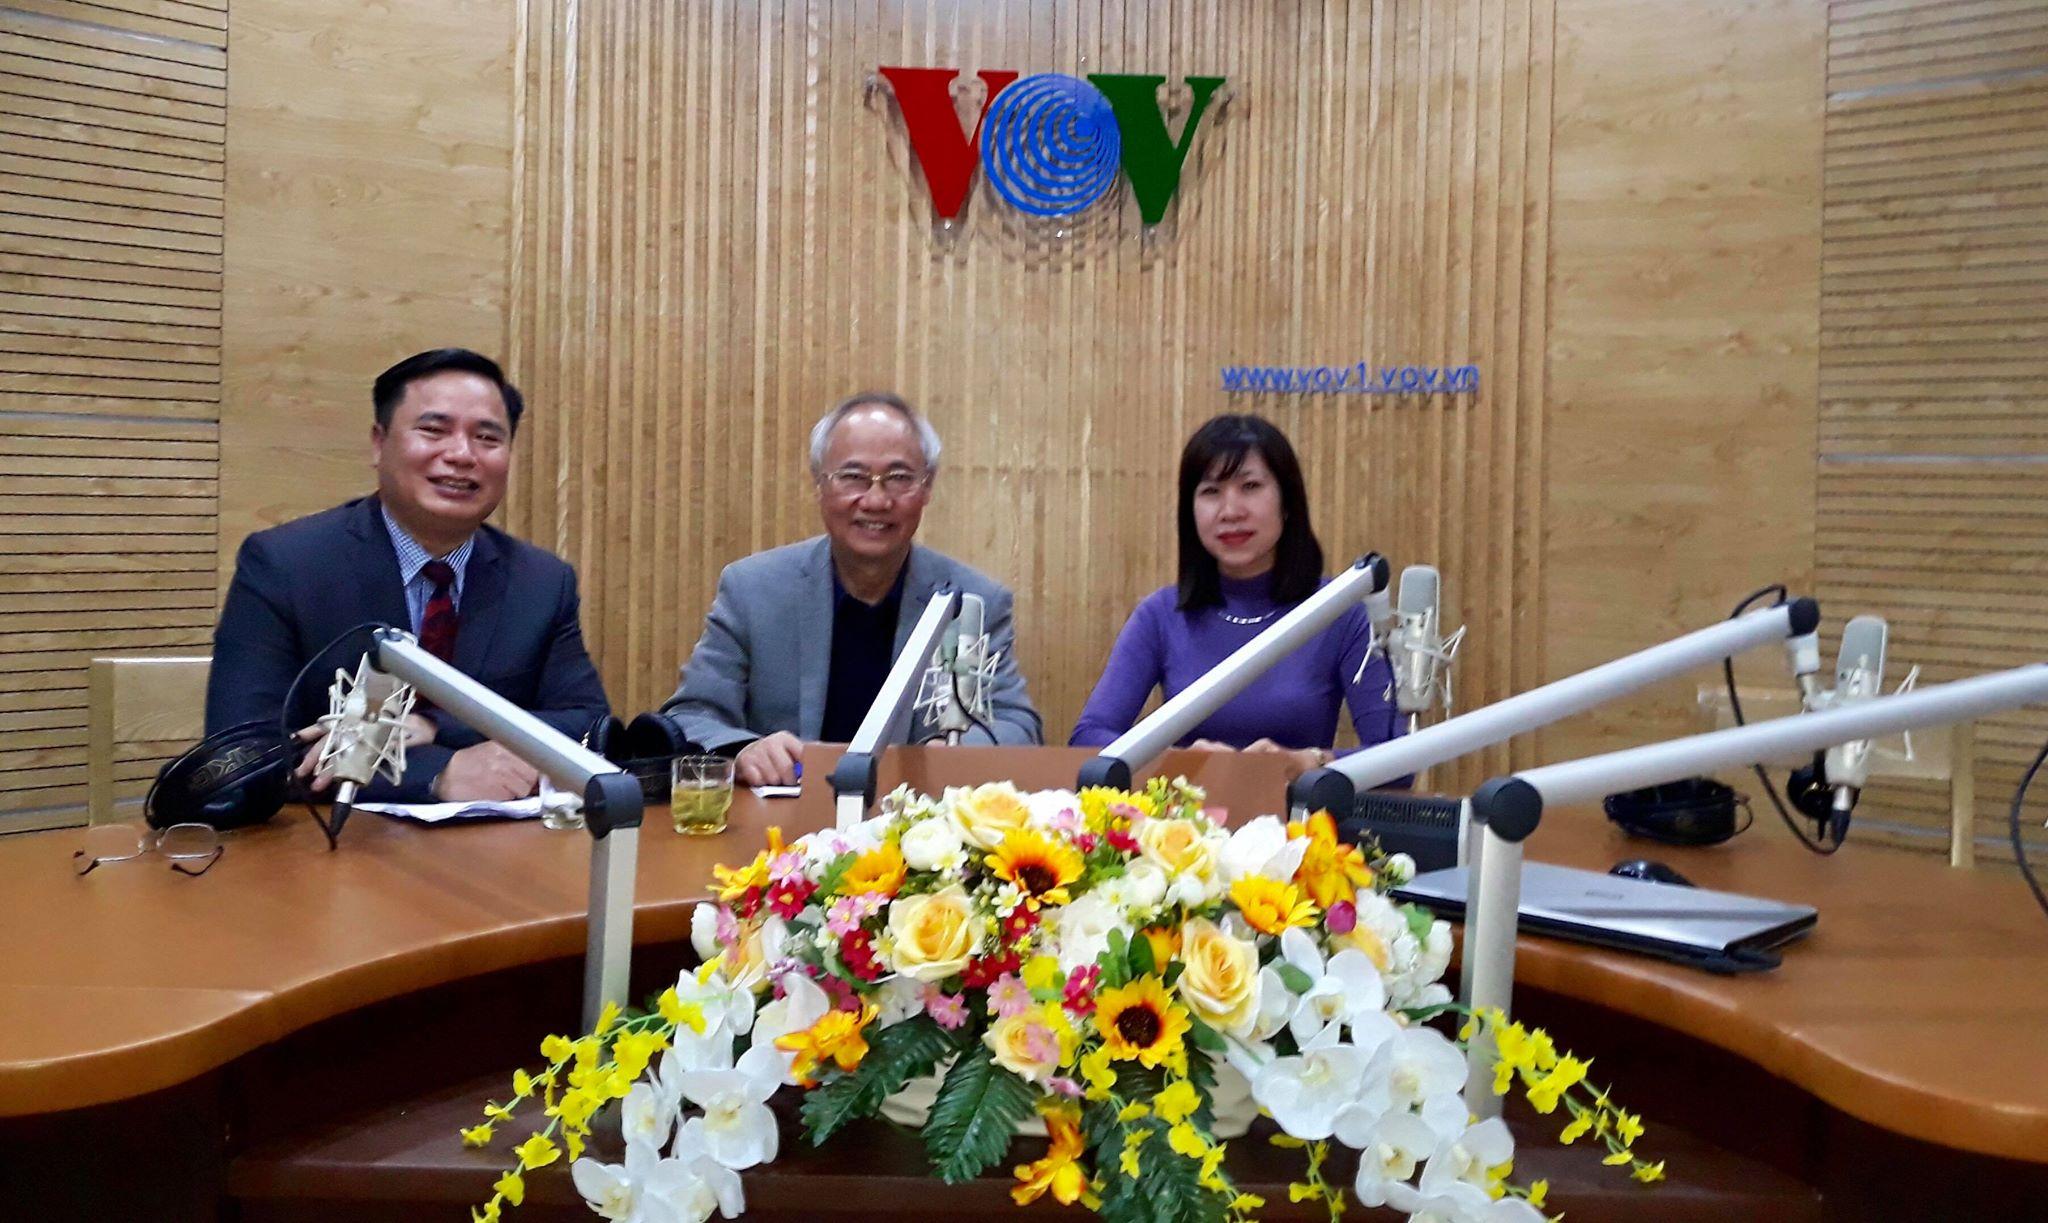 Huy động doanh nghiệp đầu tư phát triển du lịch Việt Nam (10/3/2019)